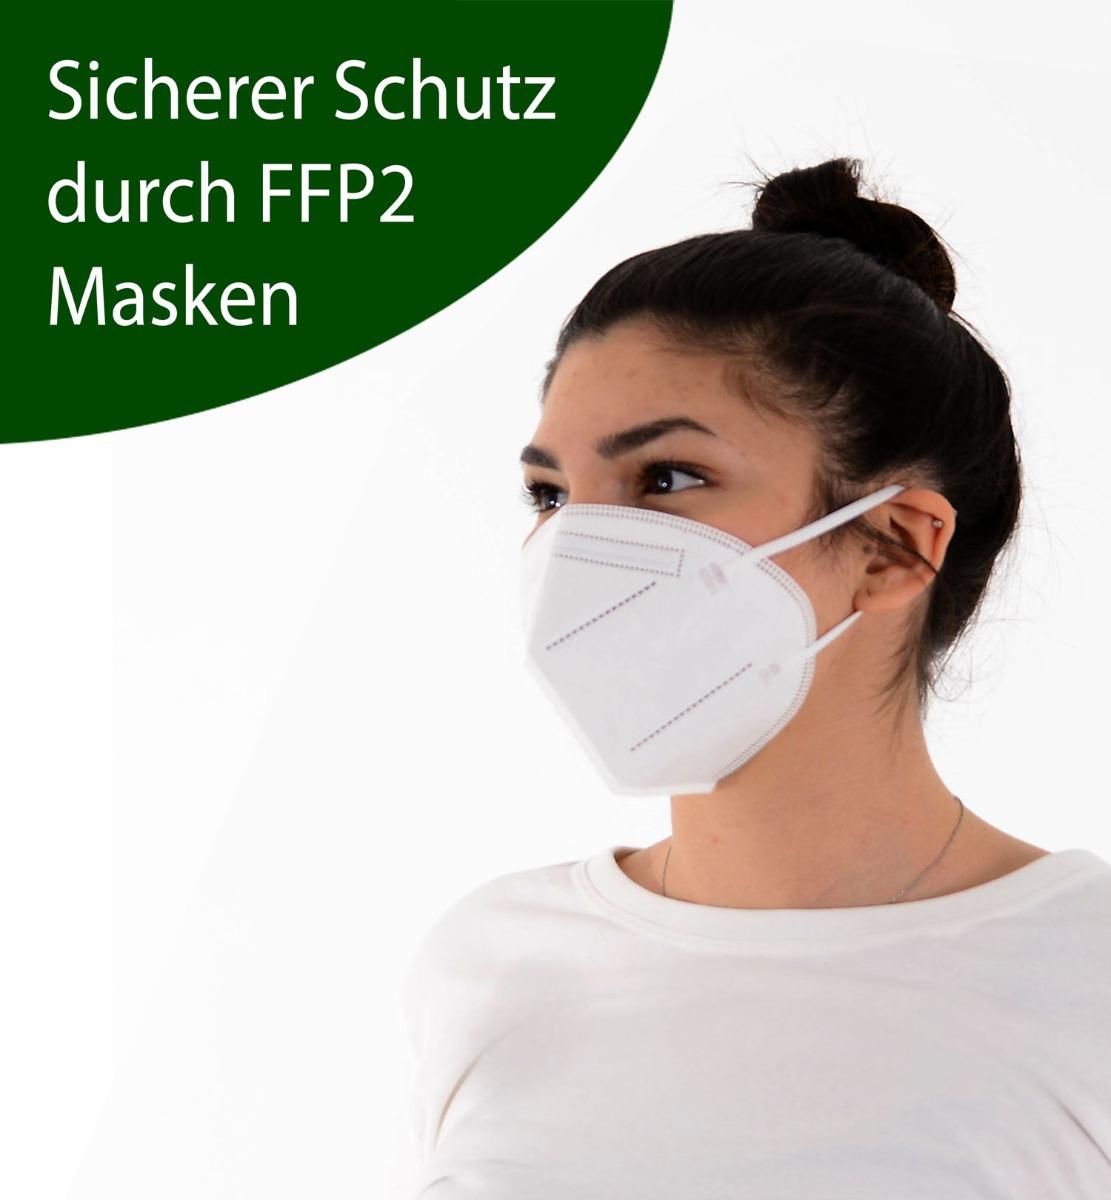 FFP2 Atemschutzmaske (20Stk)